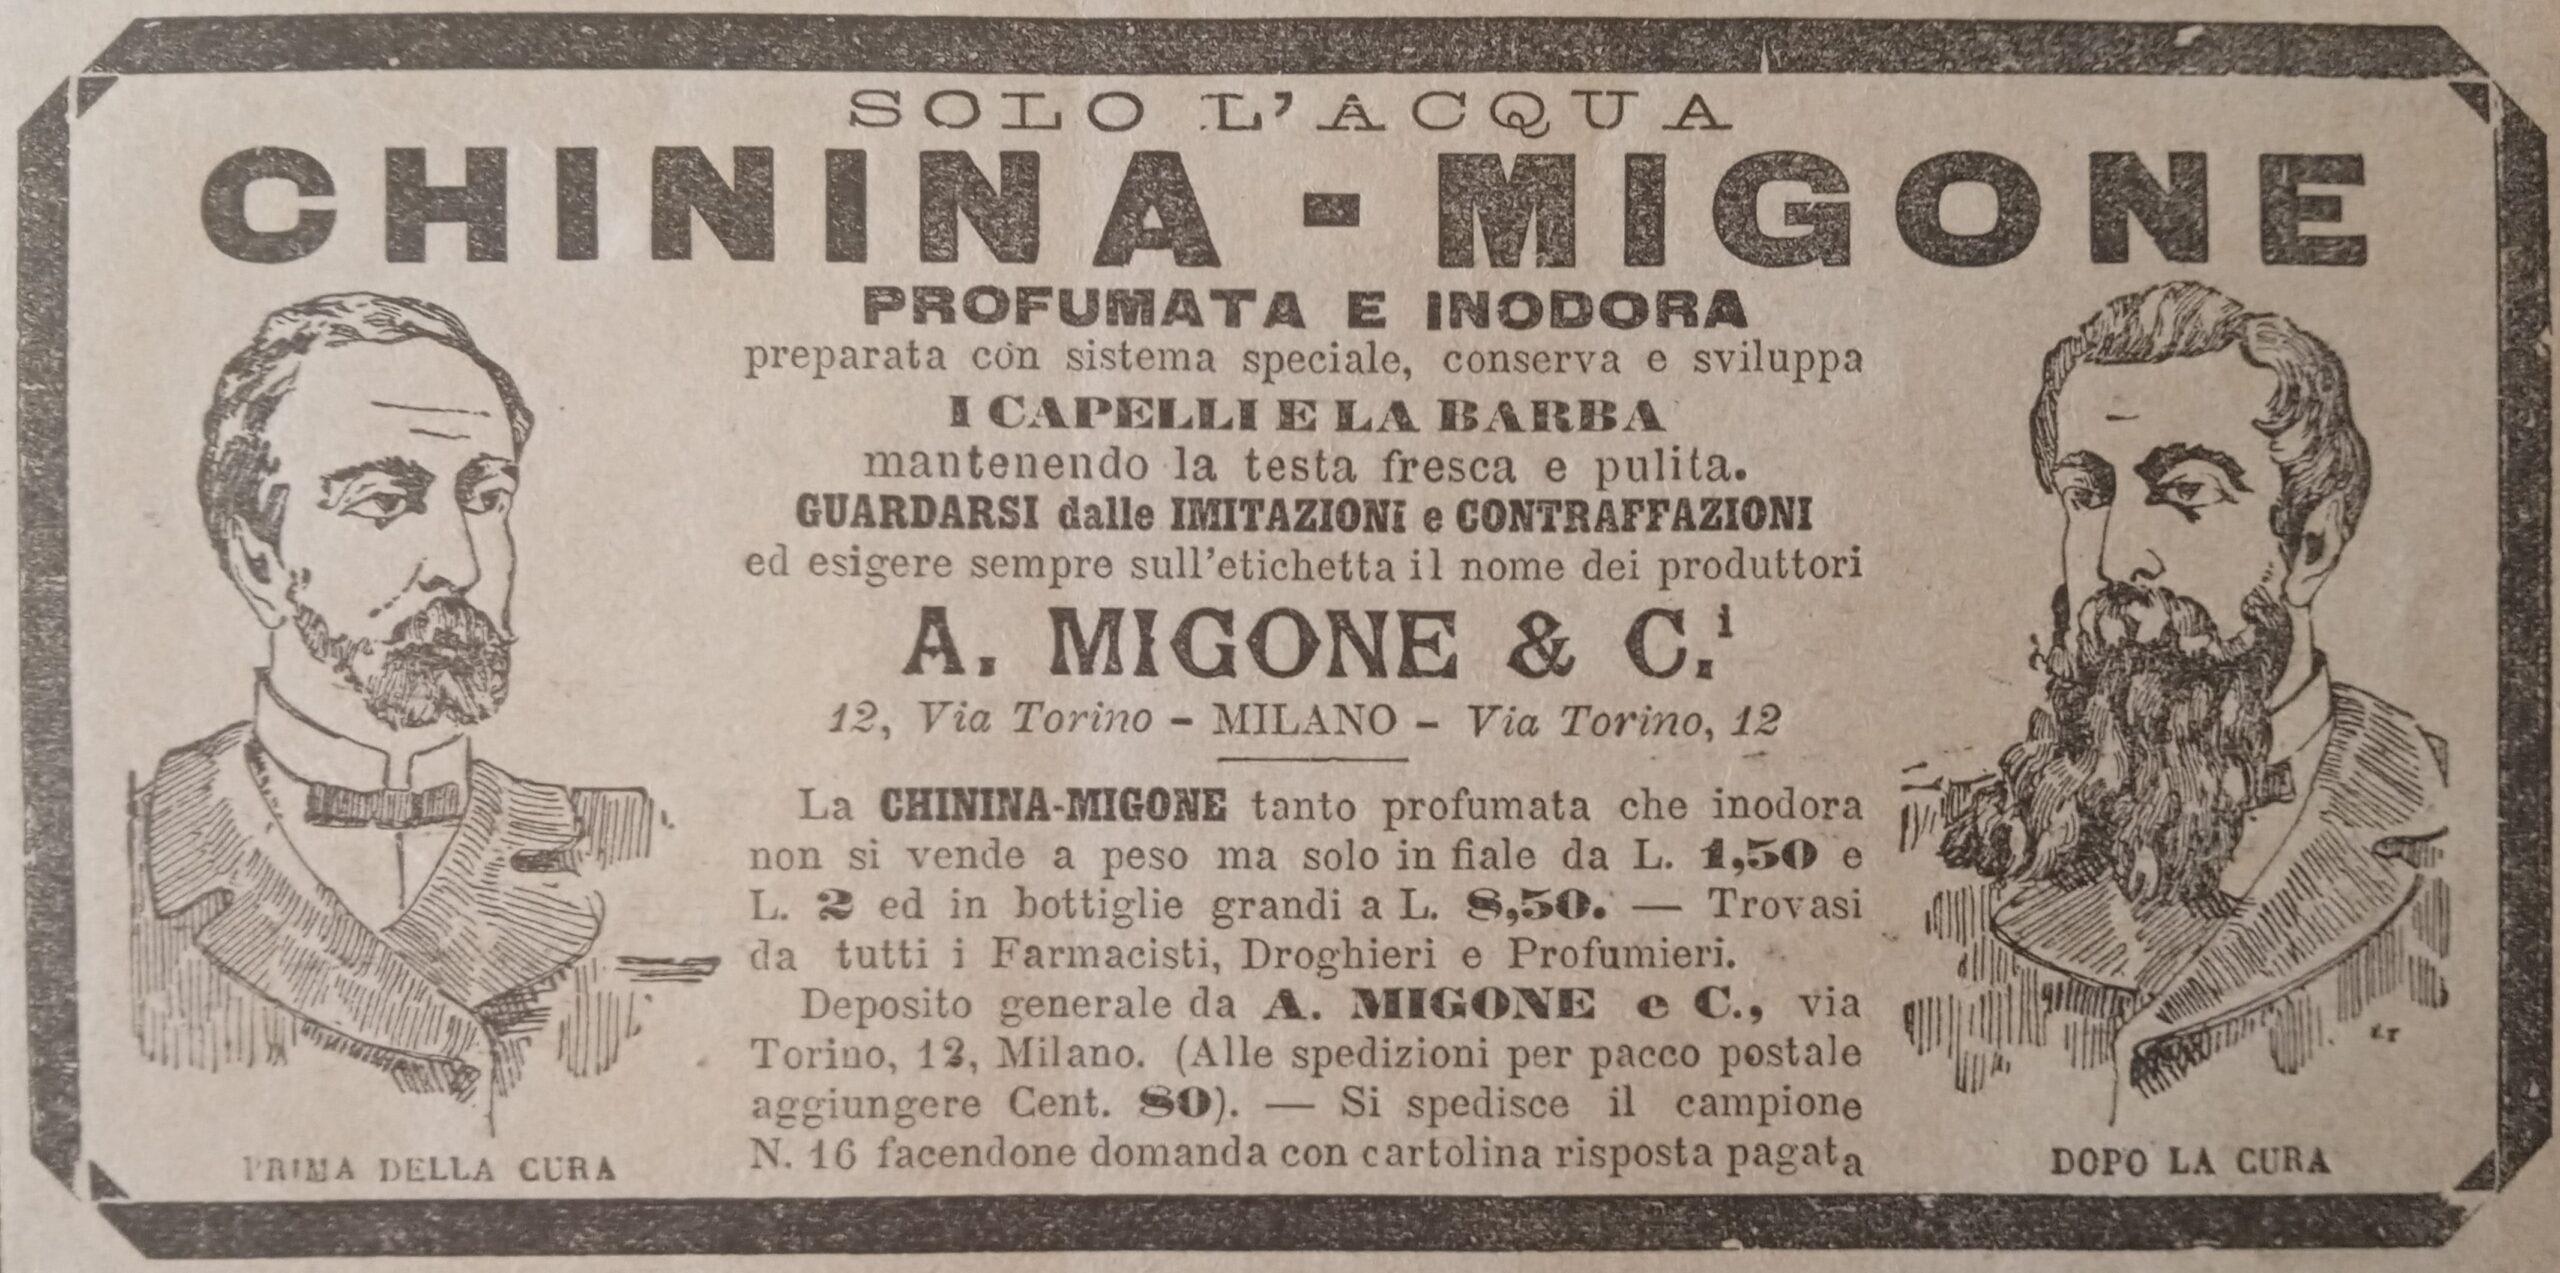 Chinina Migone - pubblicità